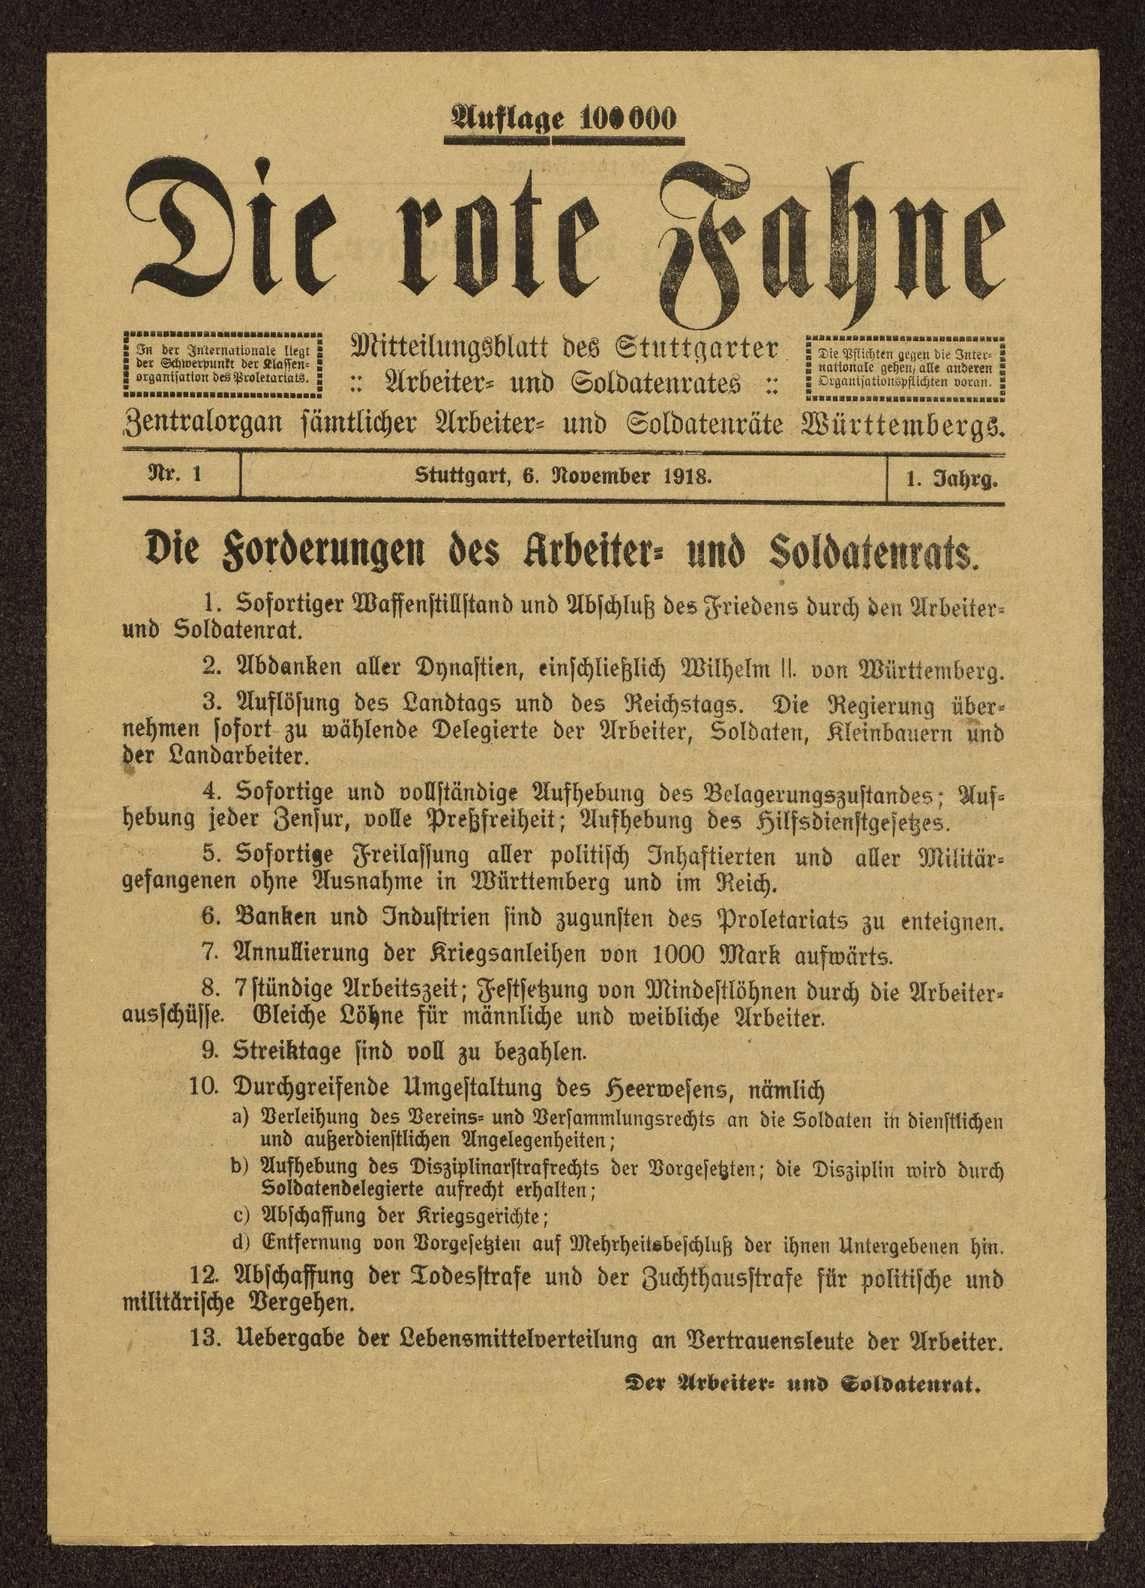 Die rote Fahne. Mitteilungsblatt des Stuttgarter Arbeiter- und Soldatenrats. Zentralorgan sämtlicher Arbeiter- und Soldatenräte Württembergs, Bild 1